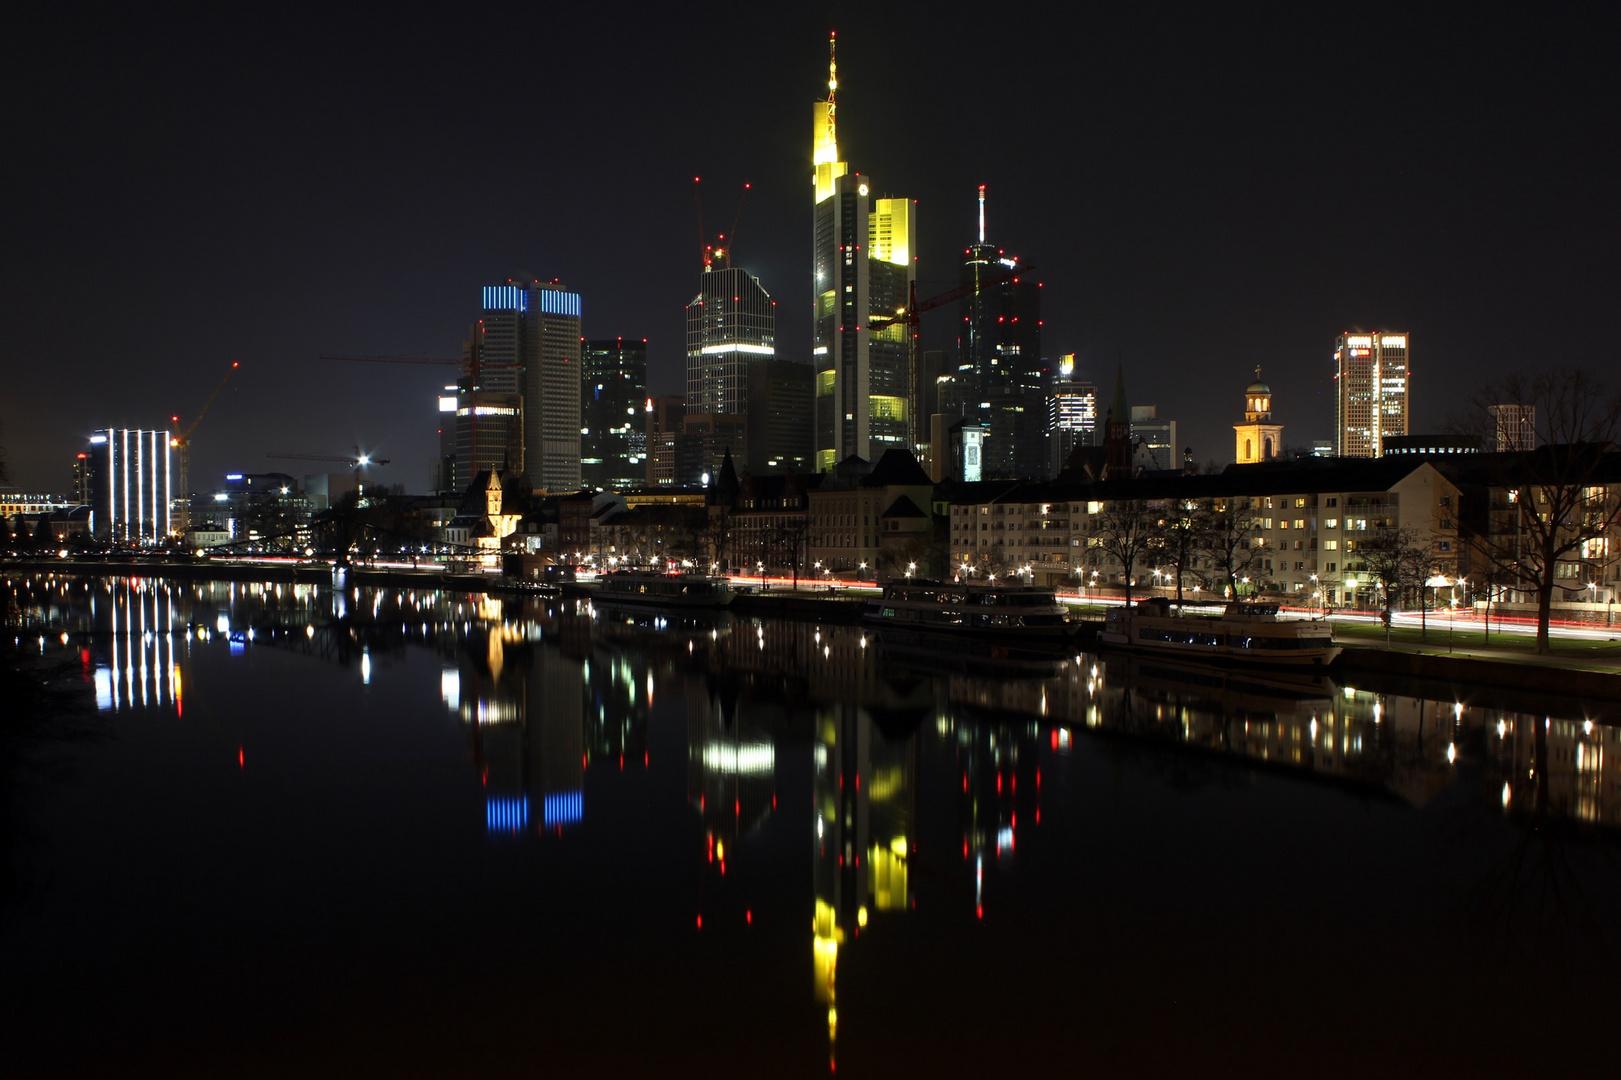 Frankfurt bei (eisiger) Nacht :-)